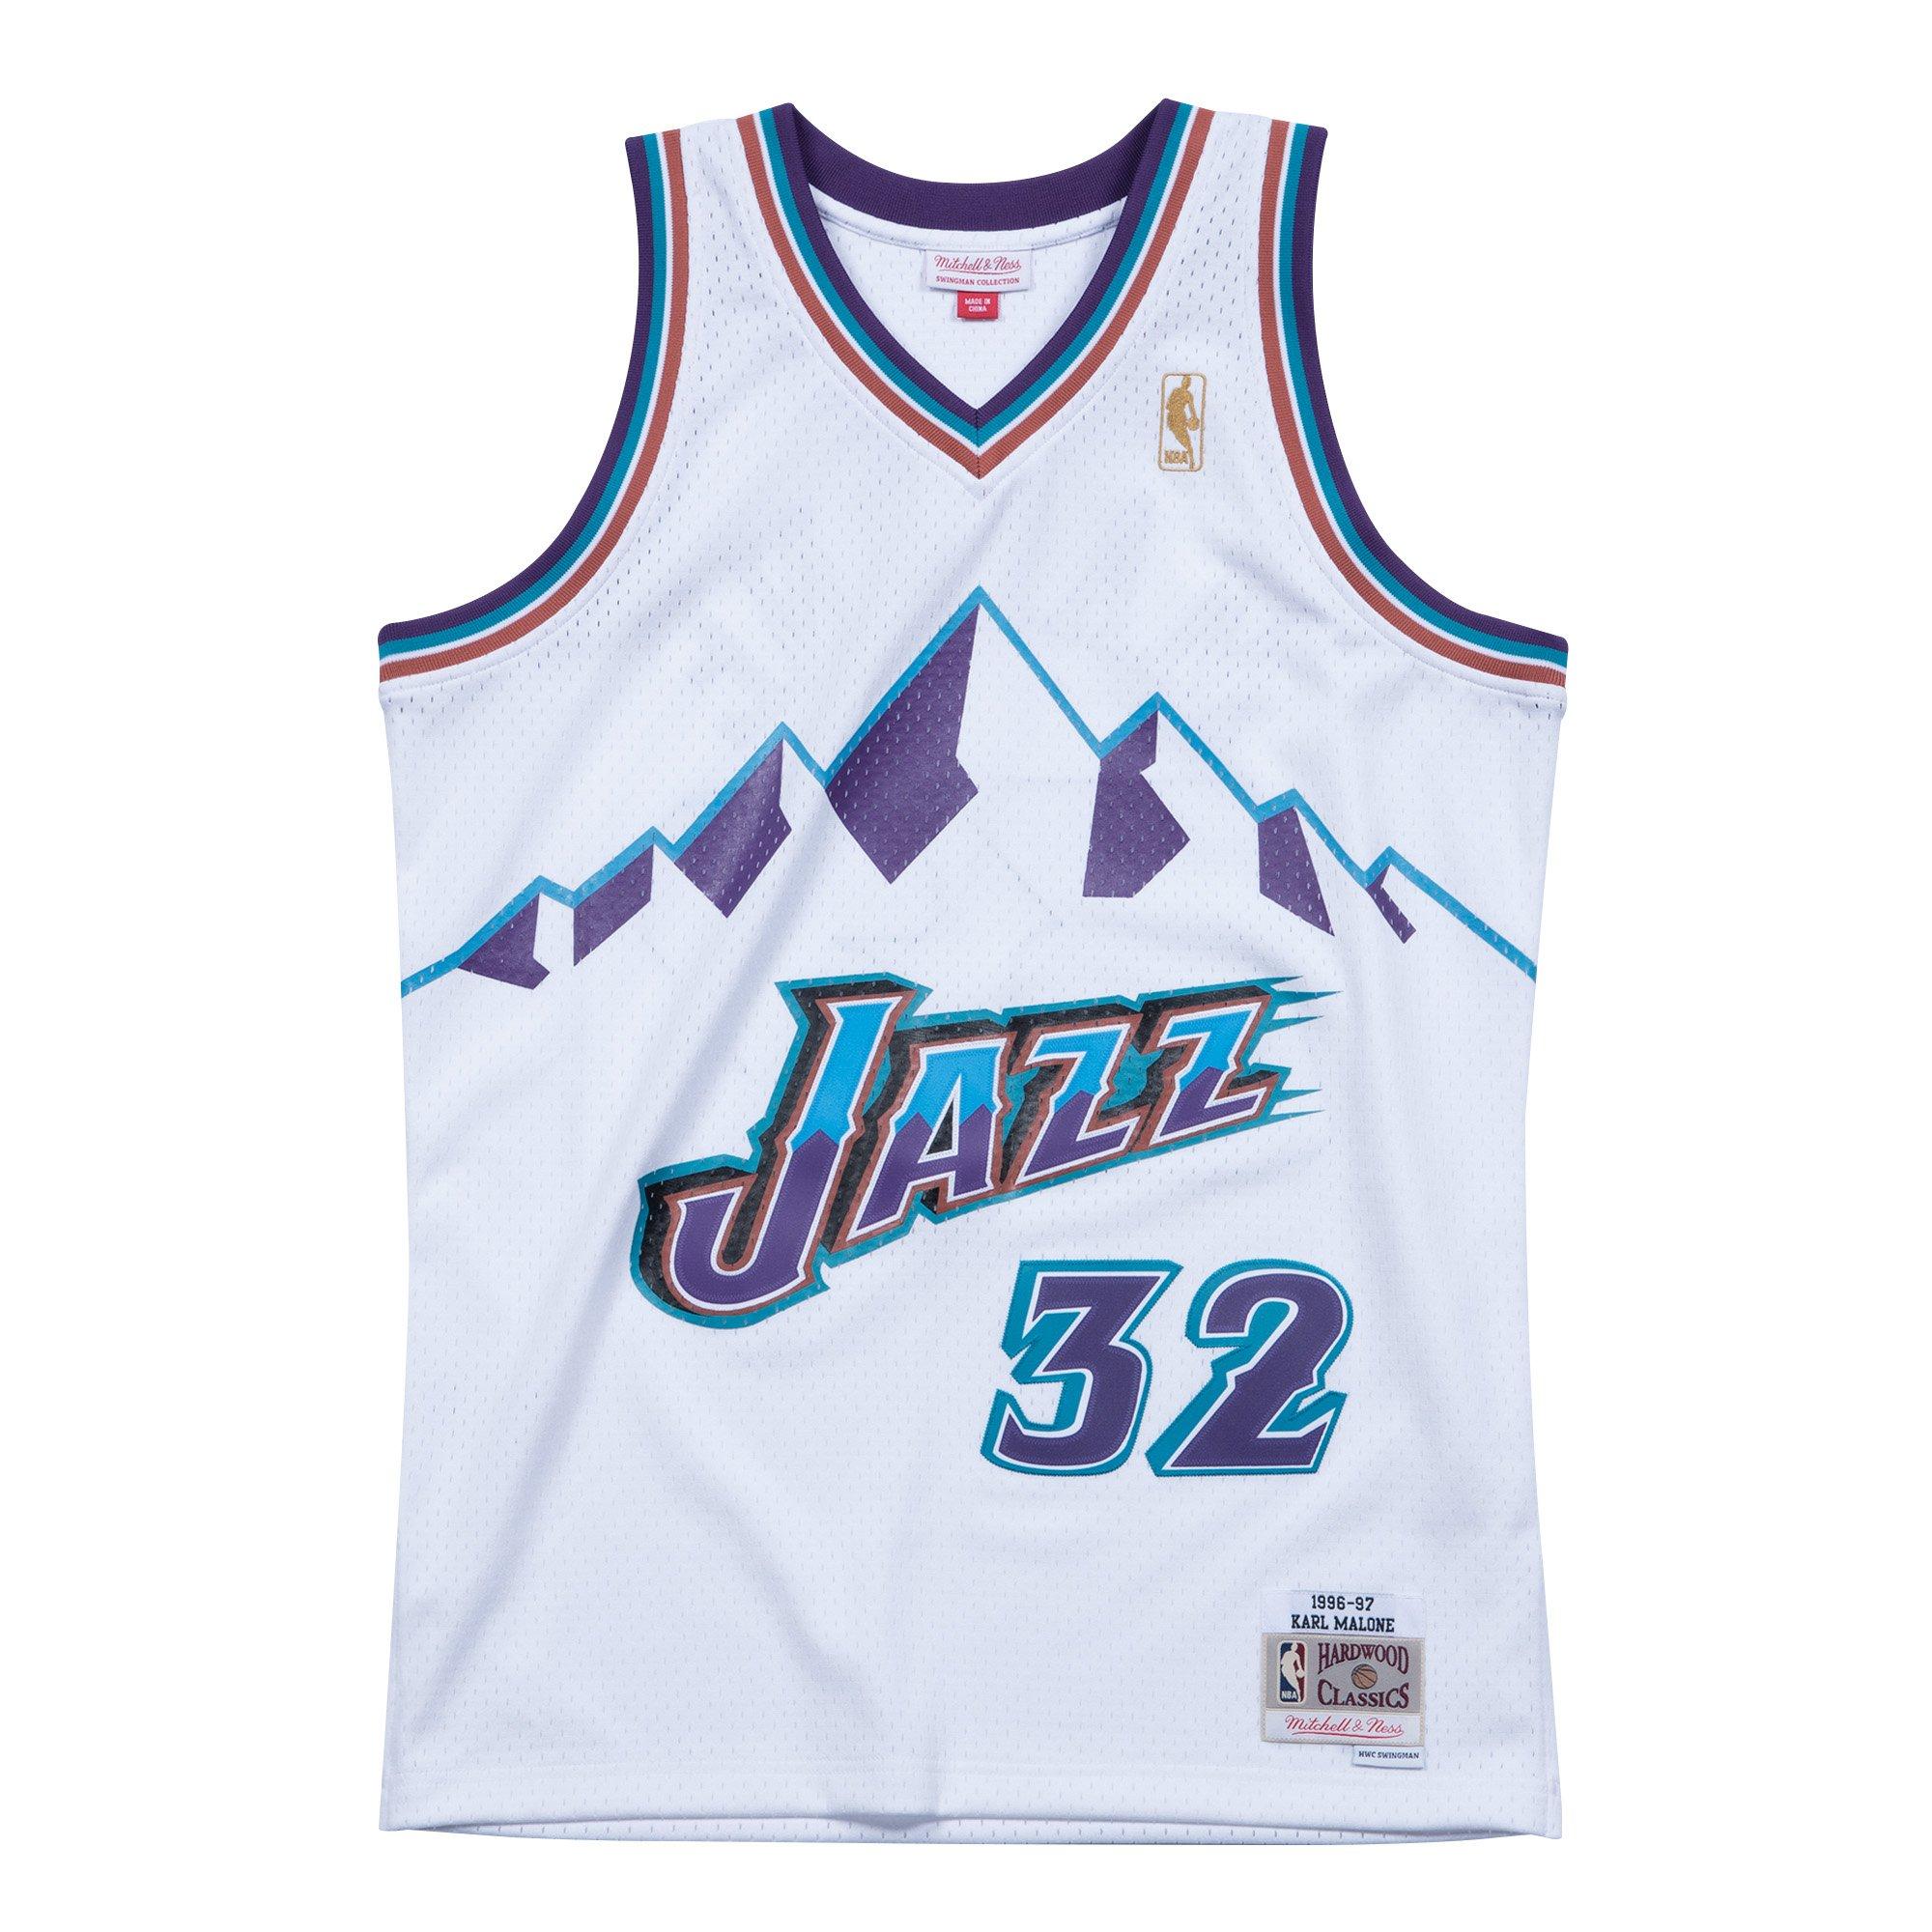 cheap nba jerseys nike Mitchell & Ness Karl Malone Utah Jazz Hardwood Classics Throwback NBA Swingman Jersey cheap wholesale authentic nba jerseys